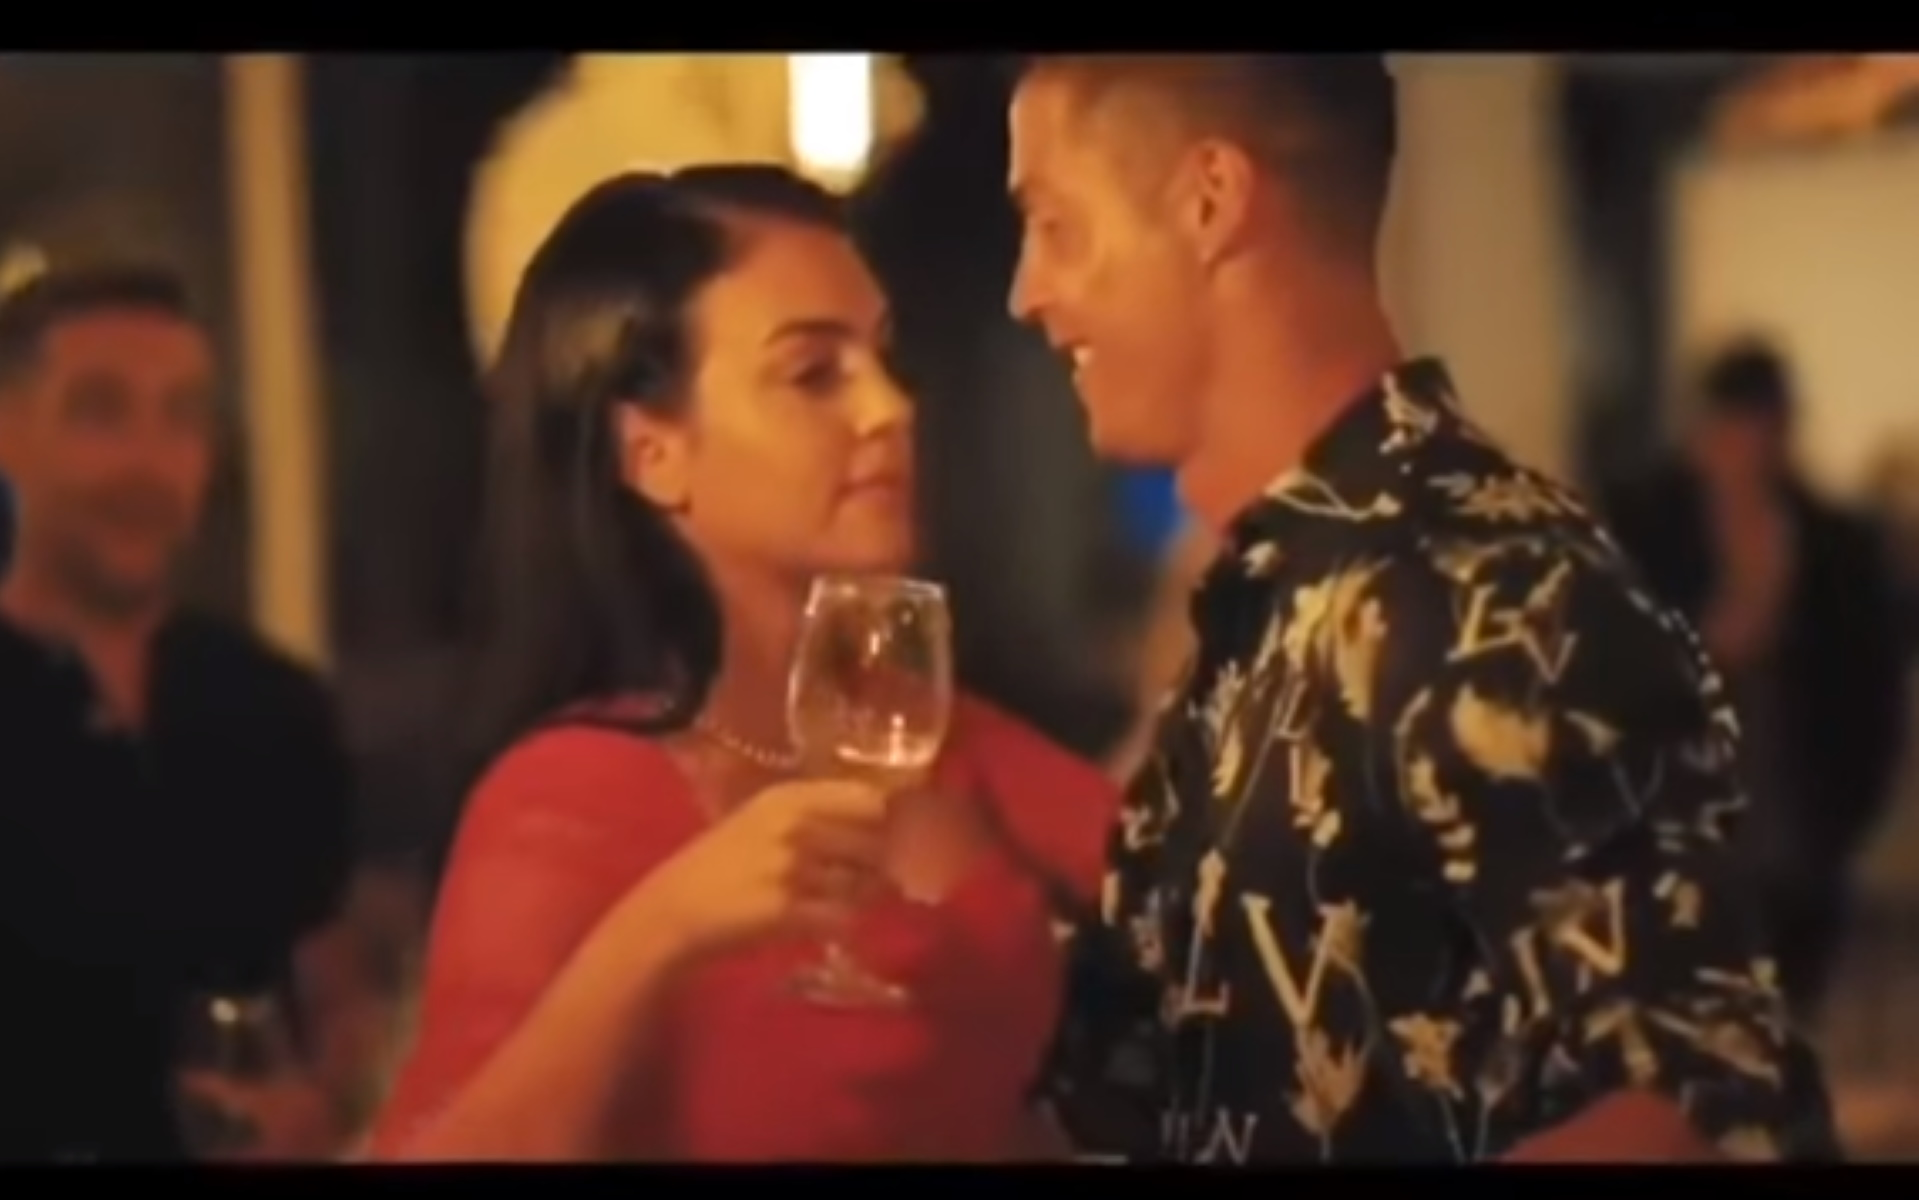 Ο Ρονάλντο και η σέξι σύζυγός του χαλαρώνουν στο Nammos στο Ντουμπάι (video)